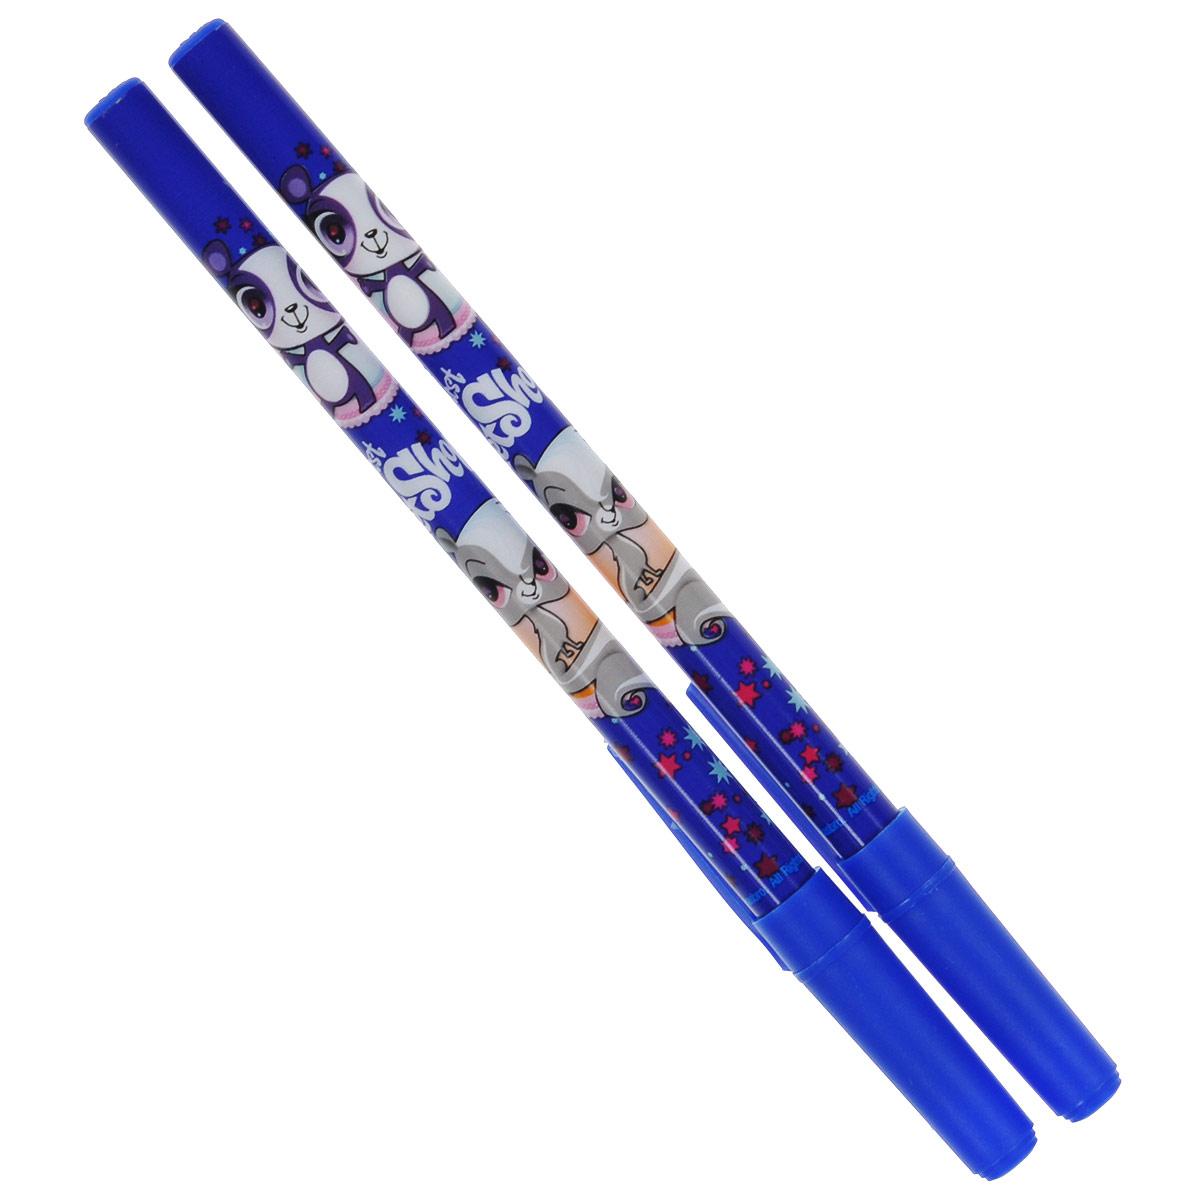 Ручки шариковые, цвет пасты синий, 2 шт. Littlest Pet Shop72523WDРучки шариковые, цвет пасты синий, 2 шт. Littlest Pet Shop Поверхность: Бумага. Упаковка: .